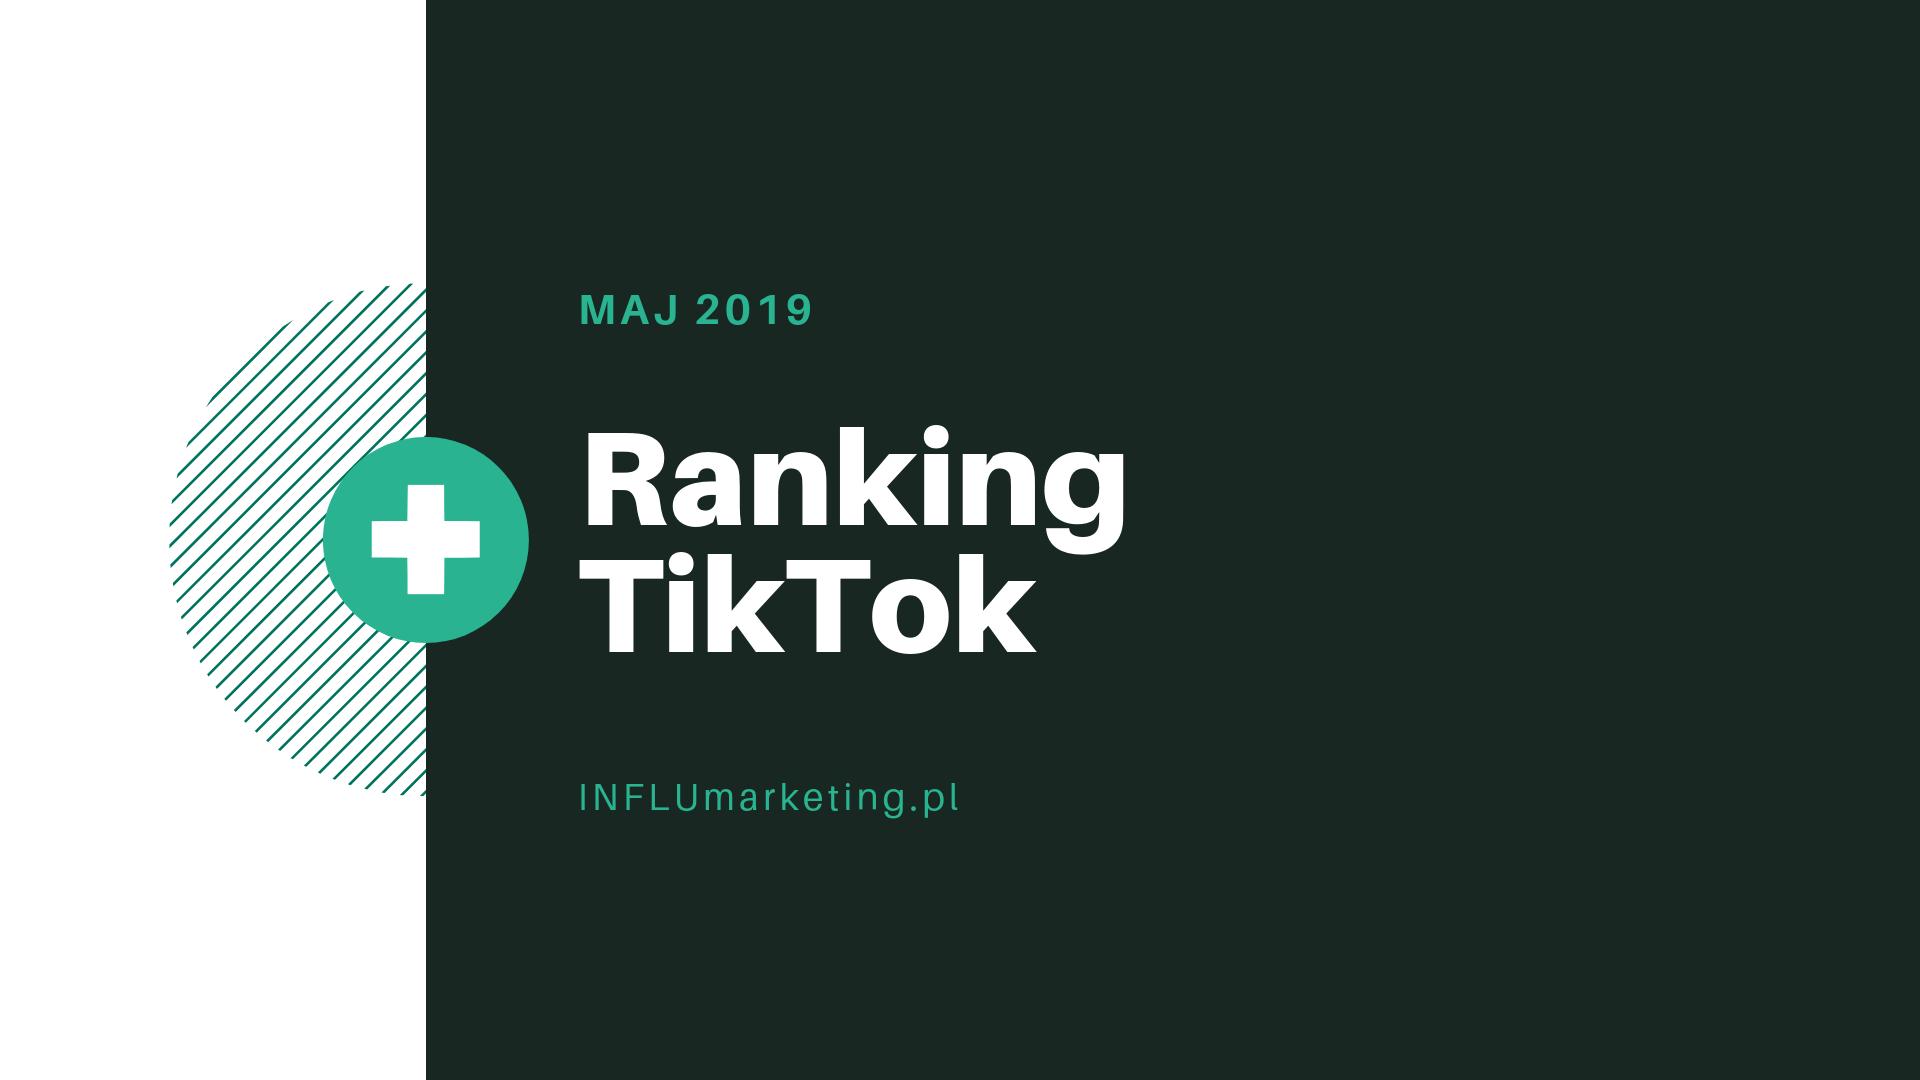 ranking tiktok maj 2019